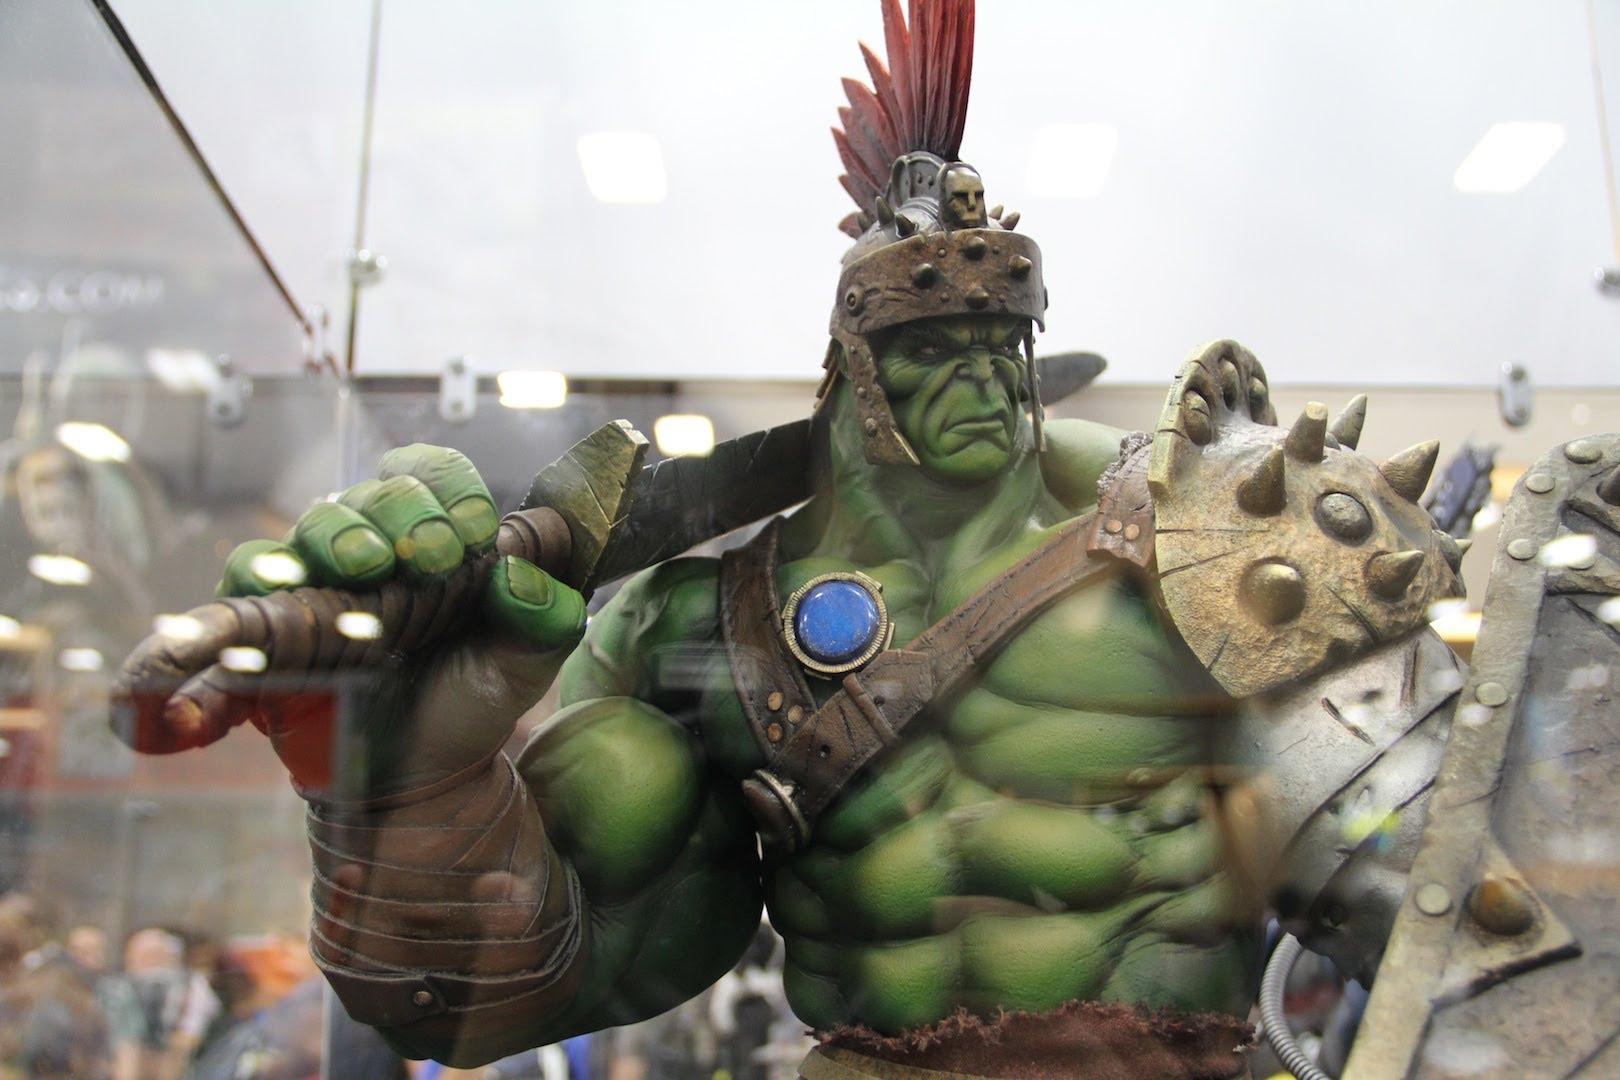 Thor Ragnarok | Aramadura do Hulk é exibida em vídeo